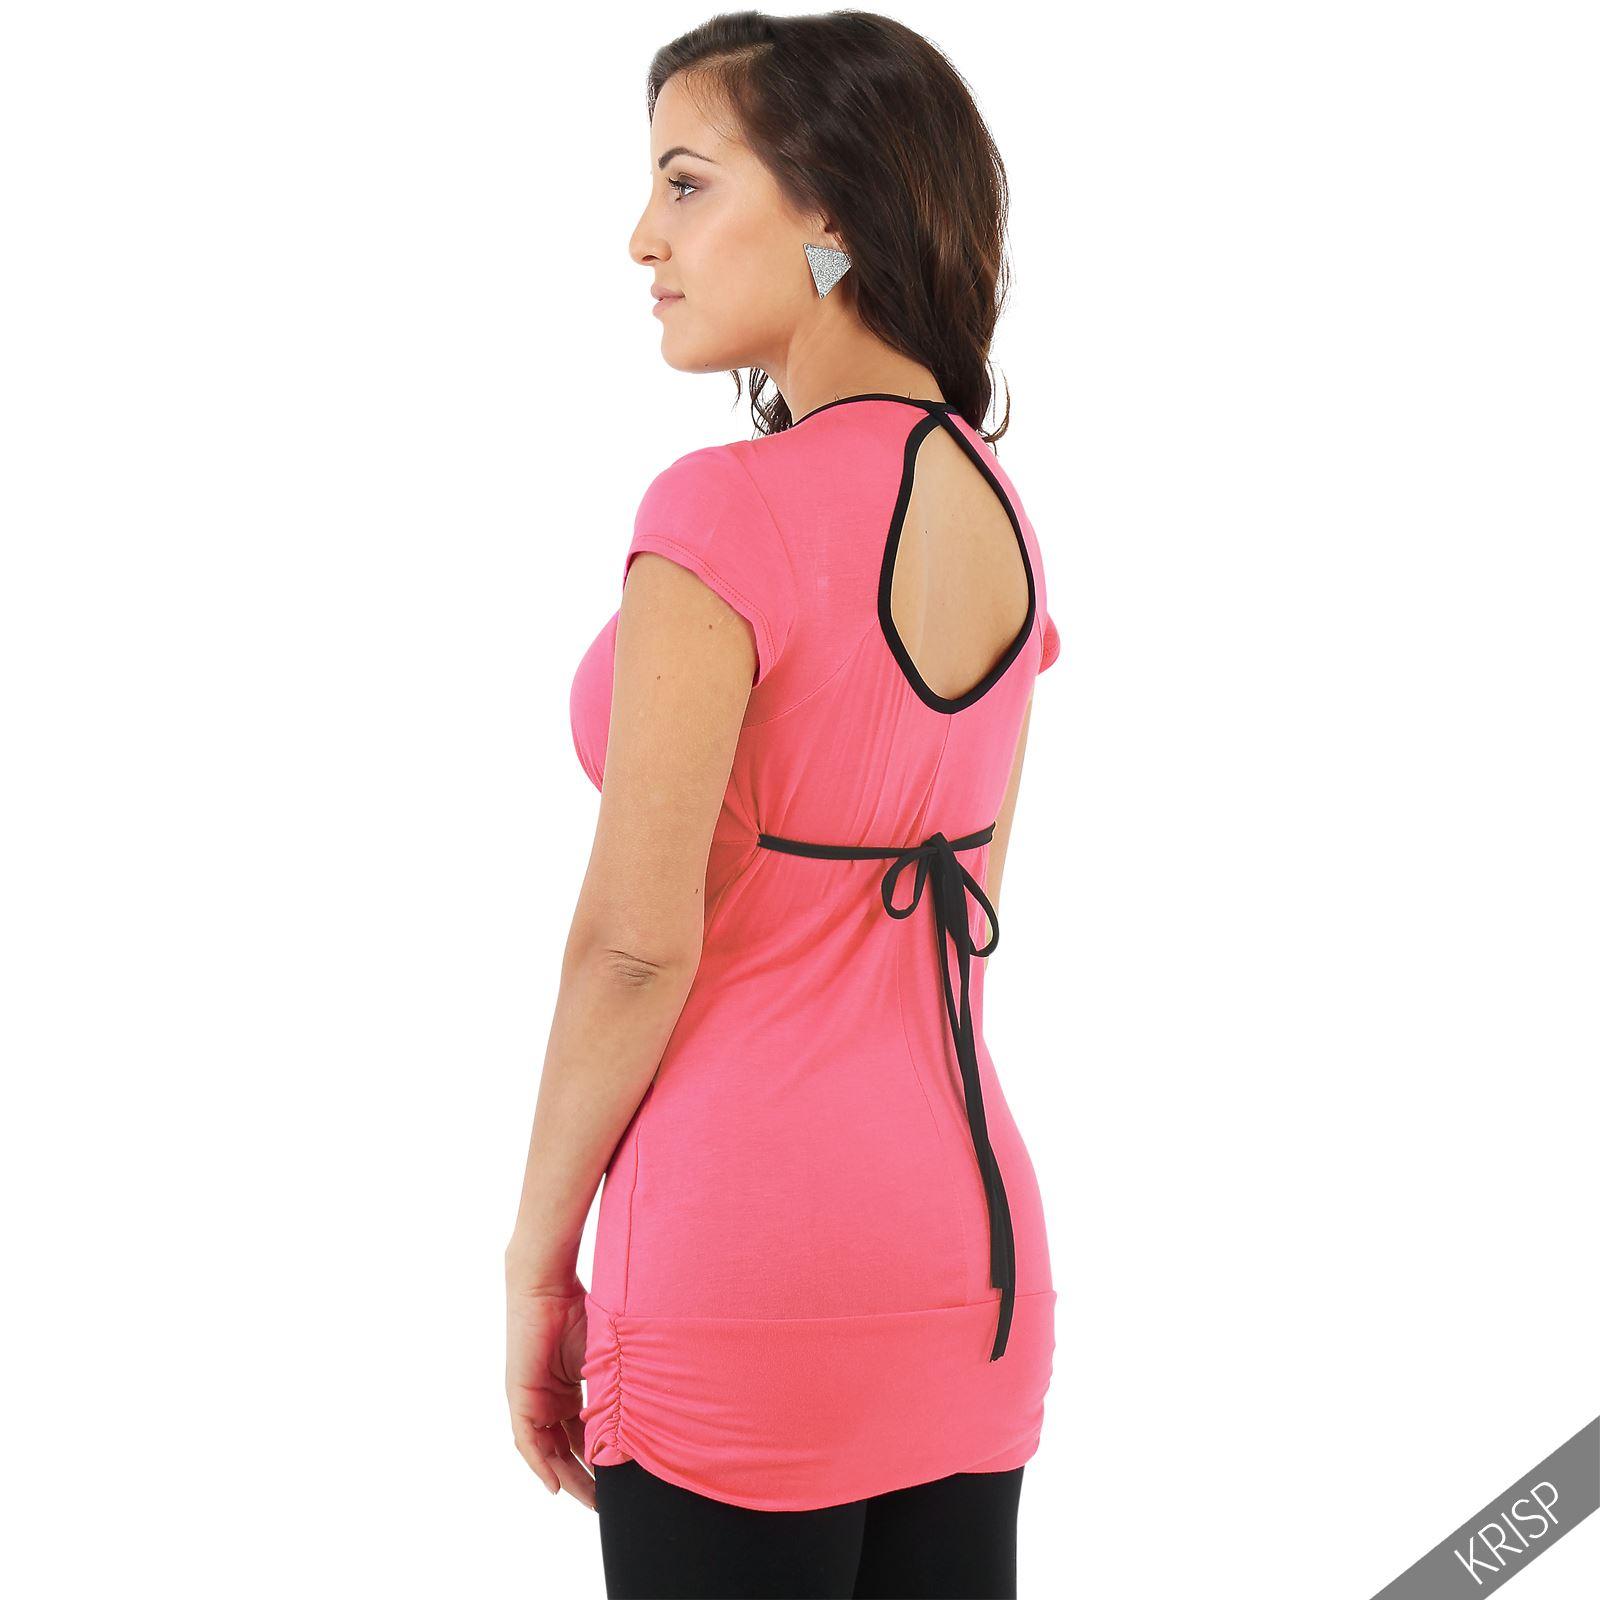 Haut à la coupe très féminine, délicatement ouvert dans le dos et noué au cou. Ce top peut se faire en version dos-nu ou plus sage avec un zip plus long qui recouvrira le passage de la lingerie.